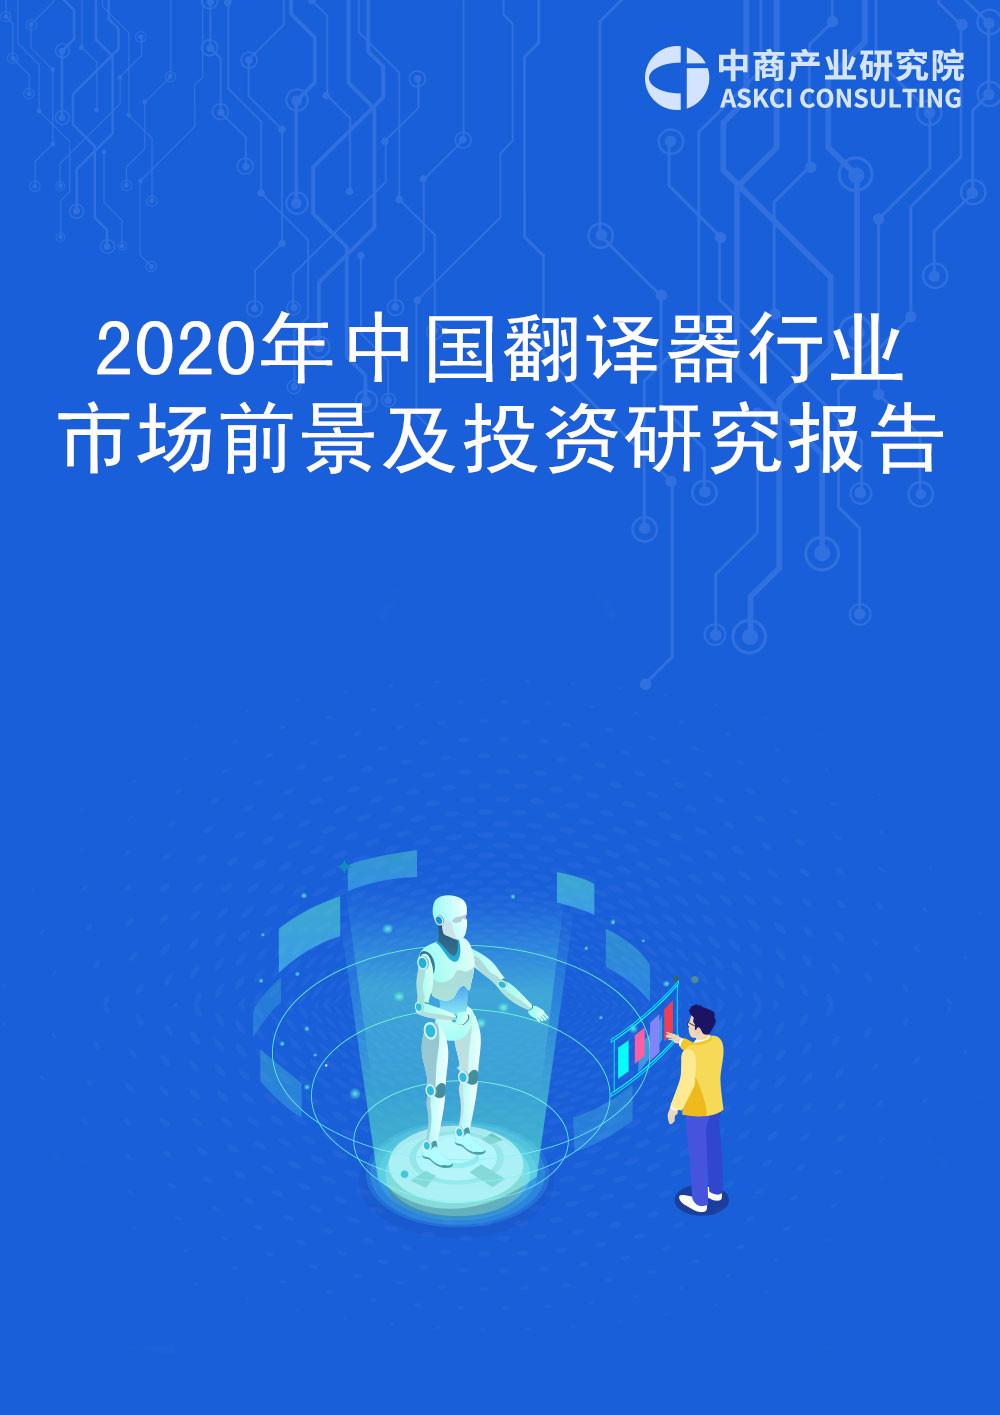 2020年中国翻译器行业市场前景及投资研究报告